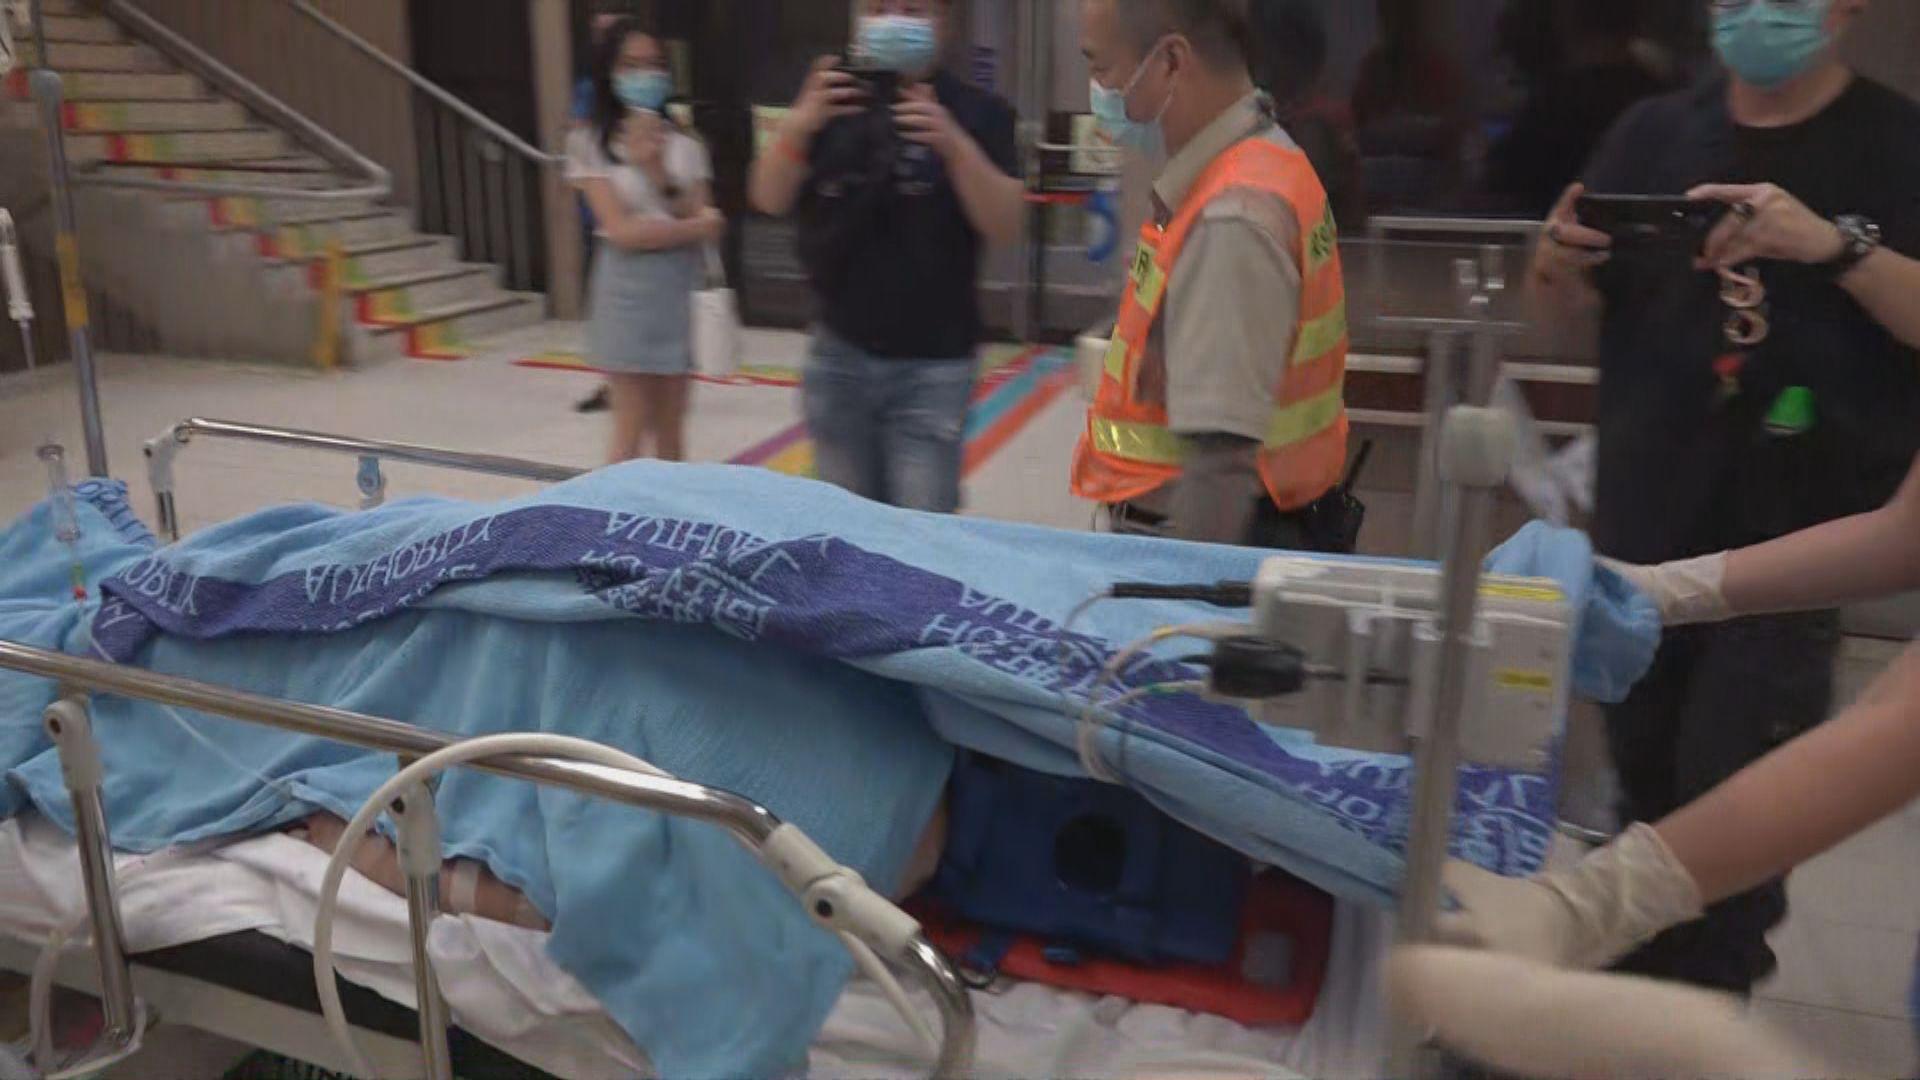 油塘水泥廠工人高處墮下重傷昏迷送院